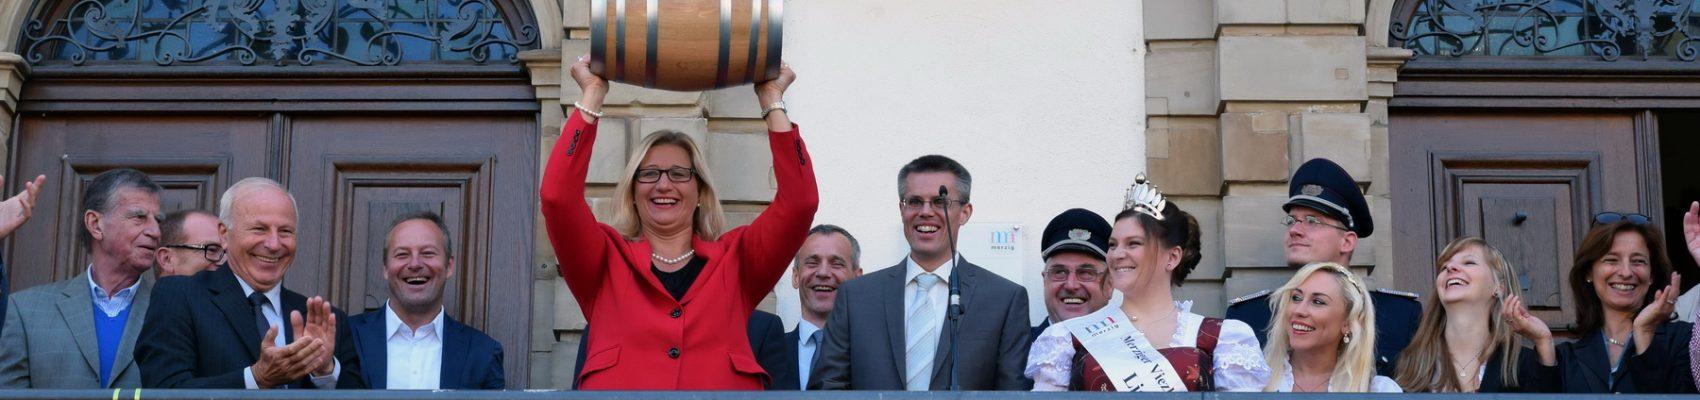 Wirtschaftsministerin Anke Rehlinger bei der Eröffnung des Viezfests am Merziger Stadthaus.